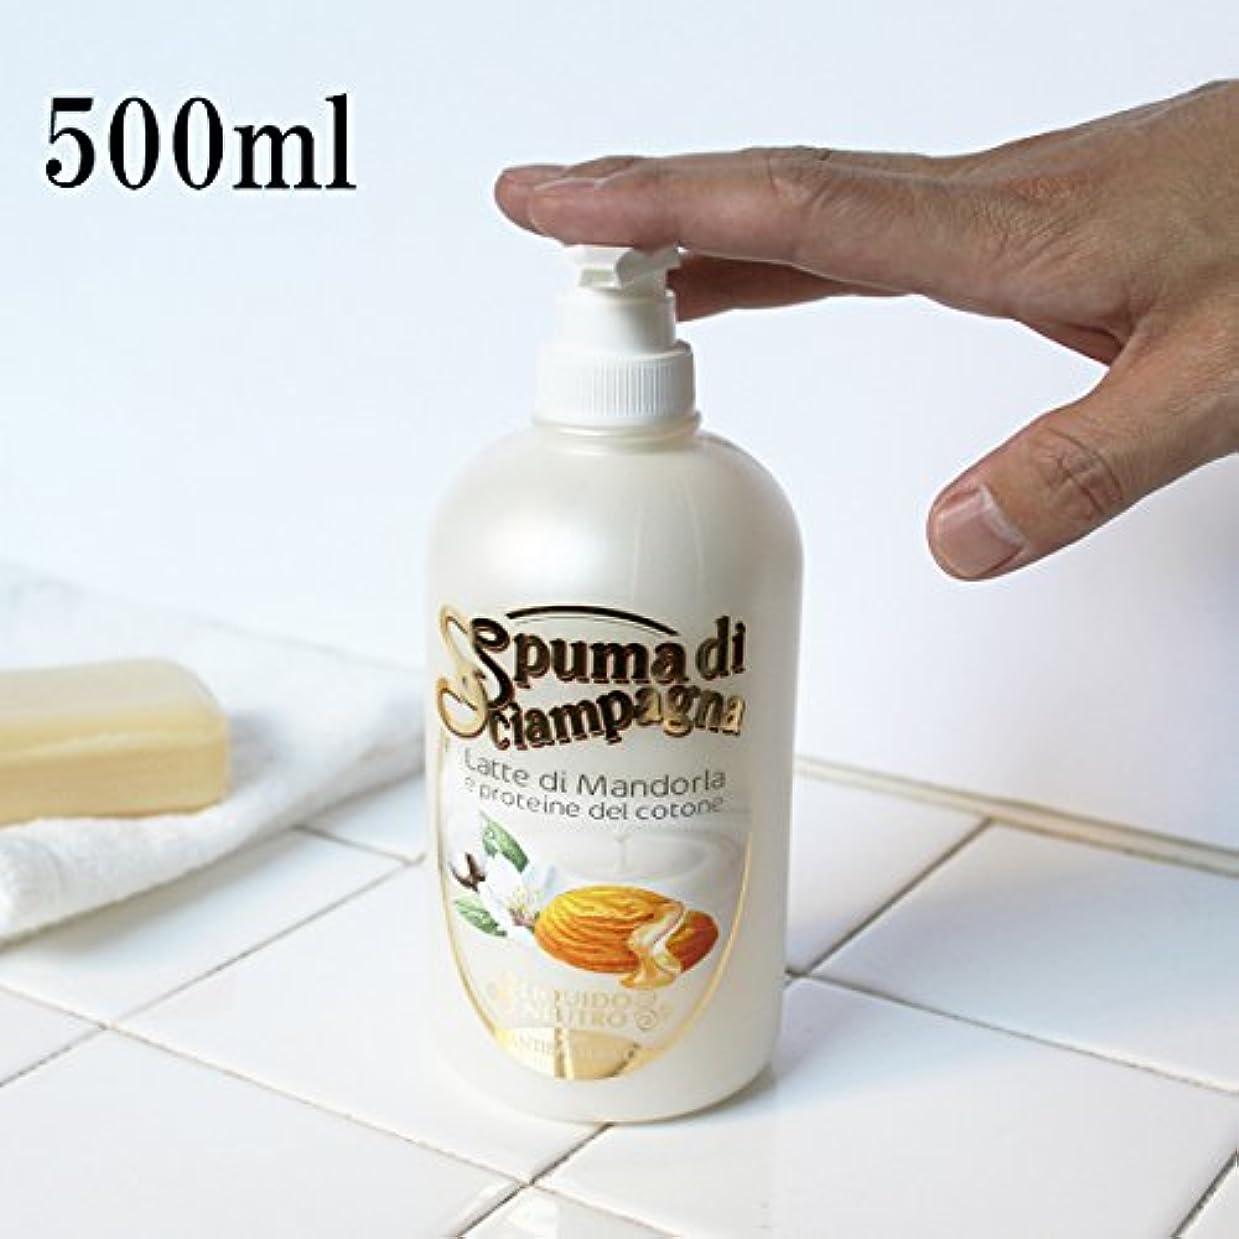 リズミカルな感度捕虜Spuma di Sciampagna (スプーマ ディ シャンパーニャ) リキッドソープ 500ml アーモンドの香り